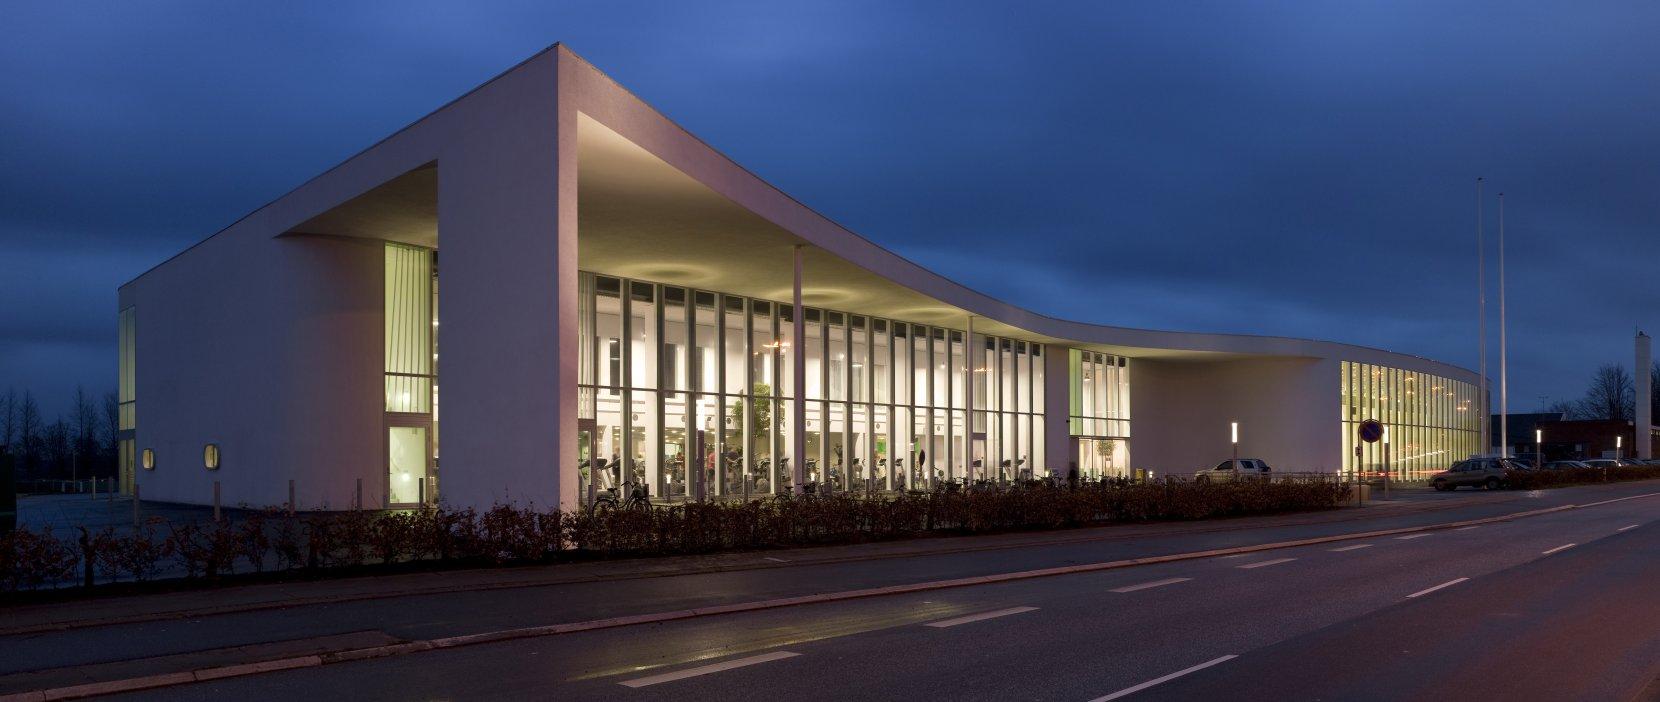 Birkerød Idrætscenter aften Foto: Adam Mørk